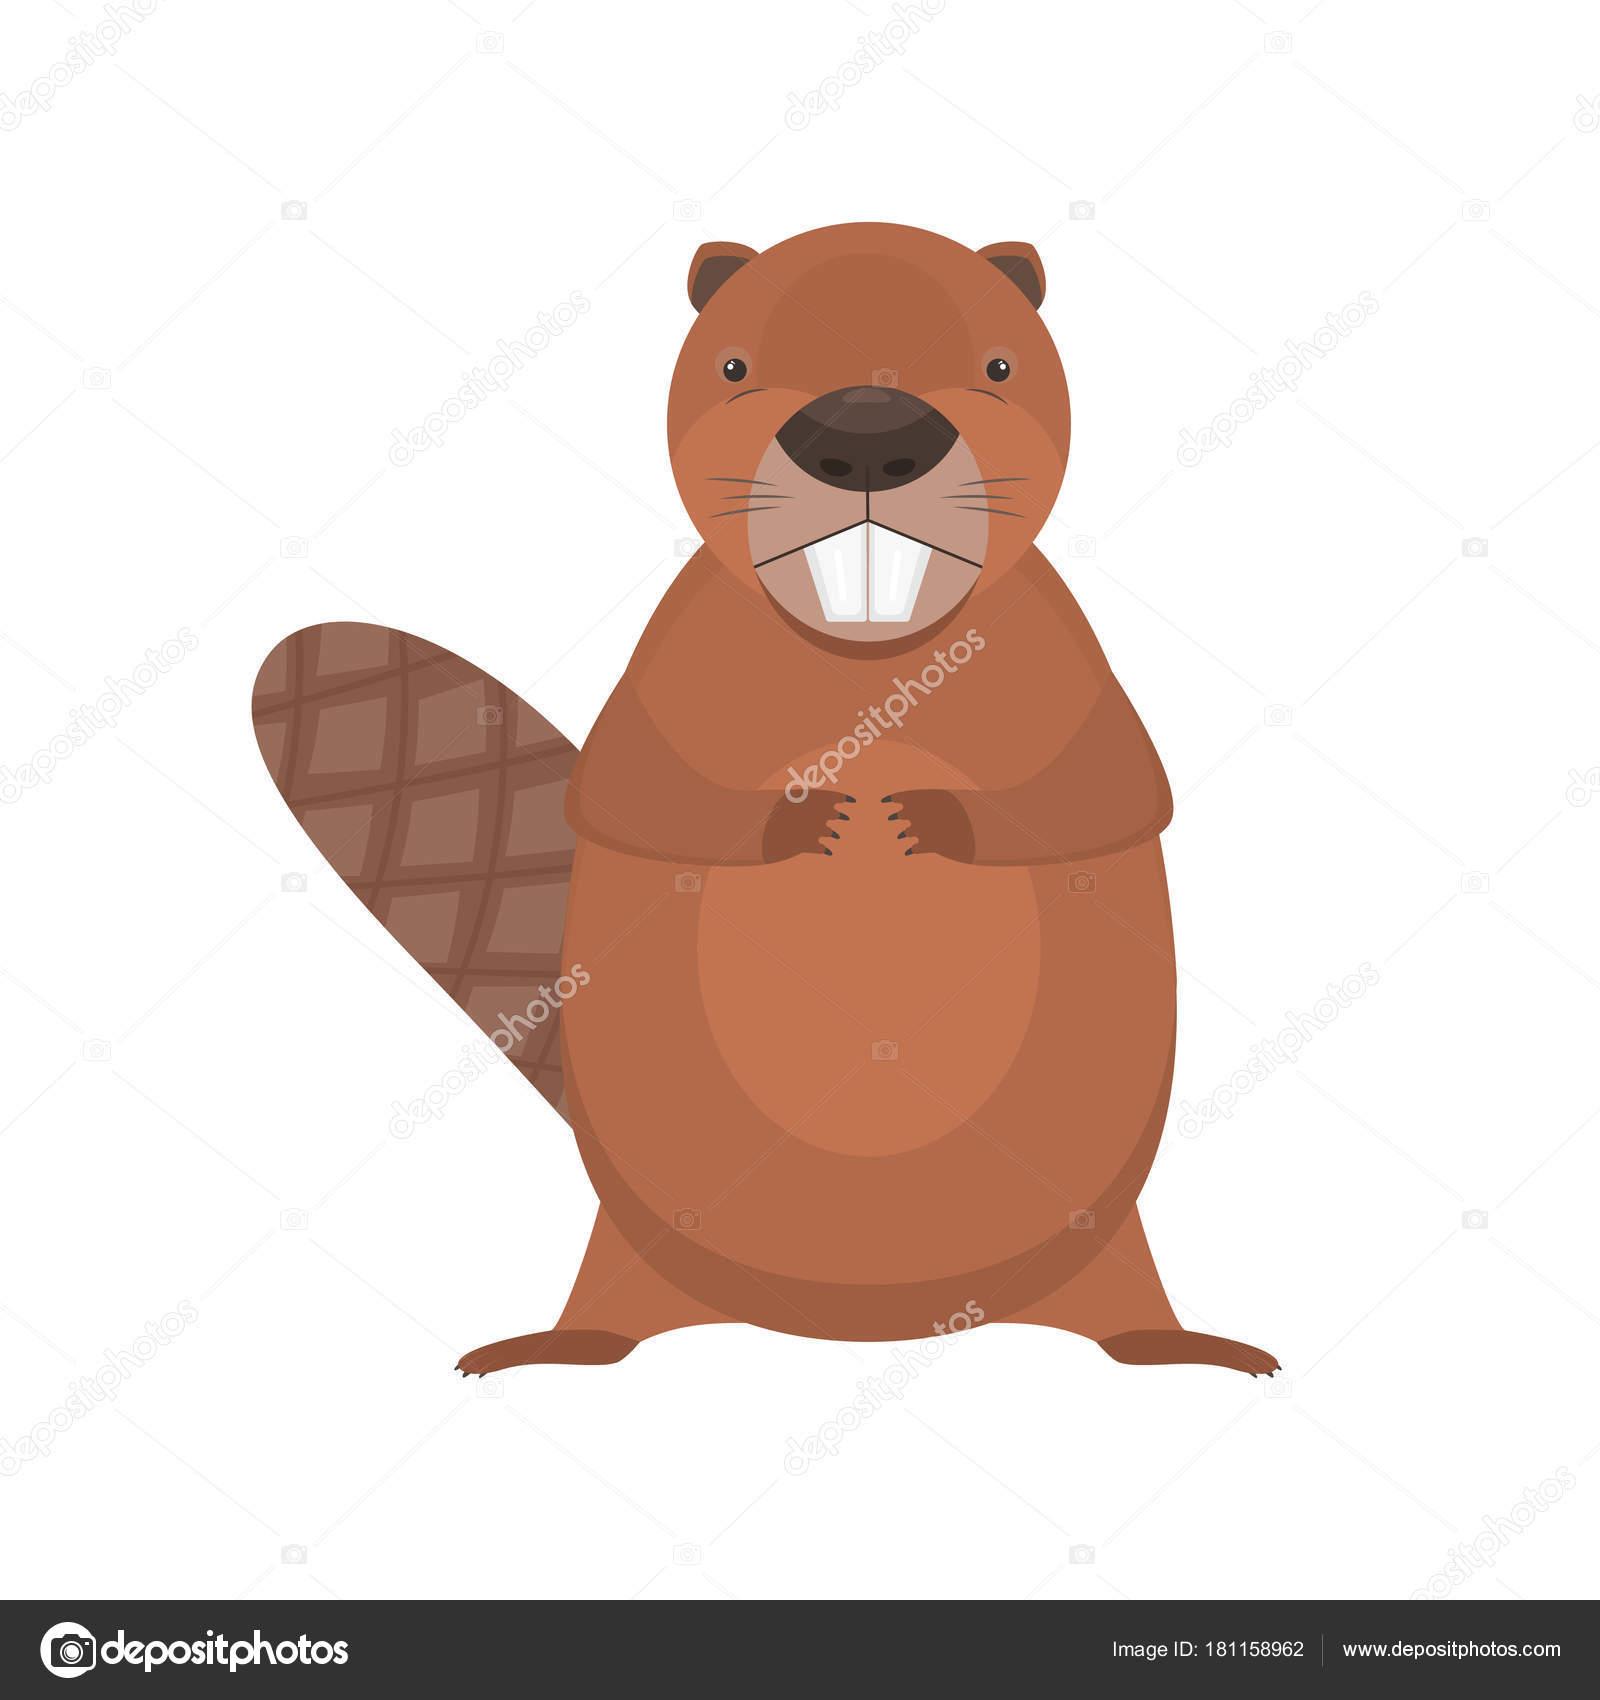 Vettore pelliccia castoro cartone animato vettore piatto in